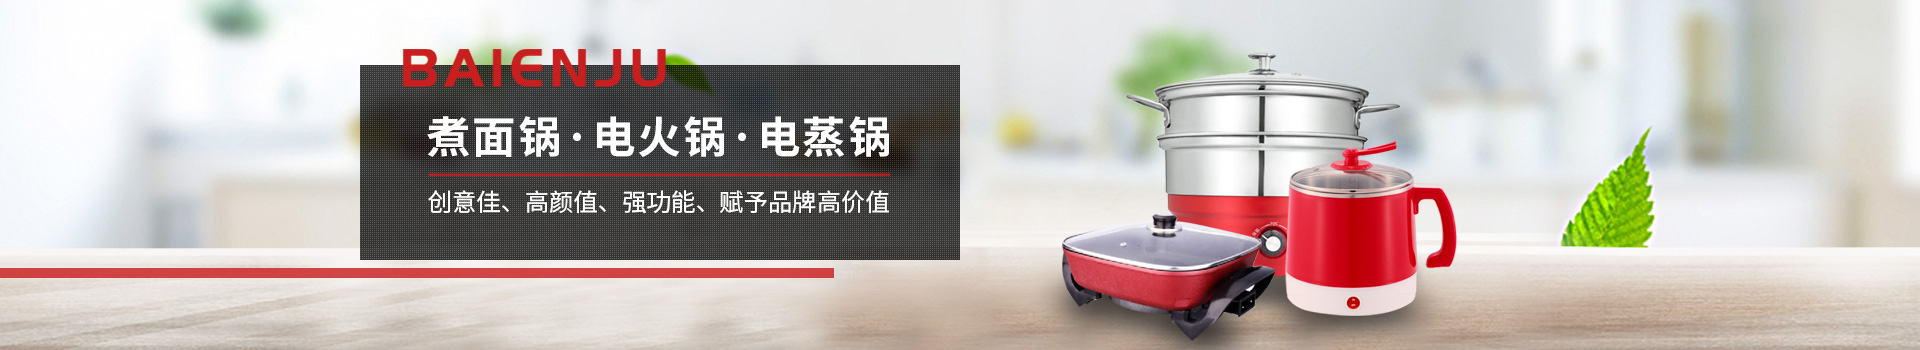 百恩居--煮面锅、电火锅、电蒸锅贴牌生产厂家